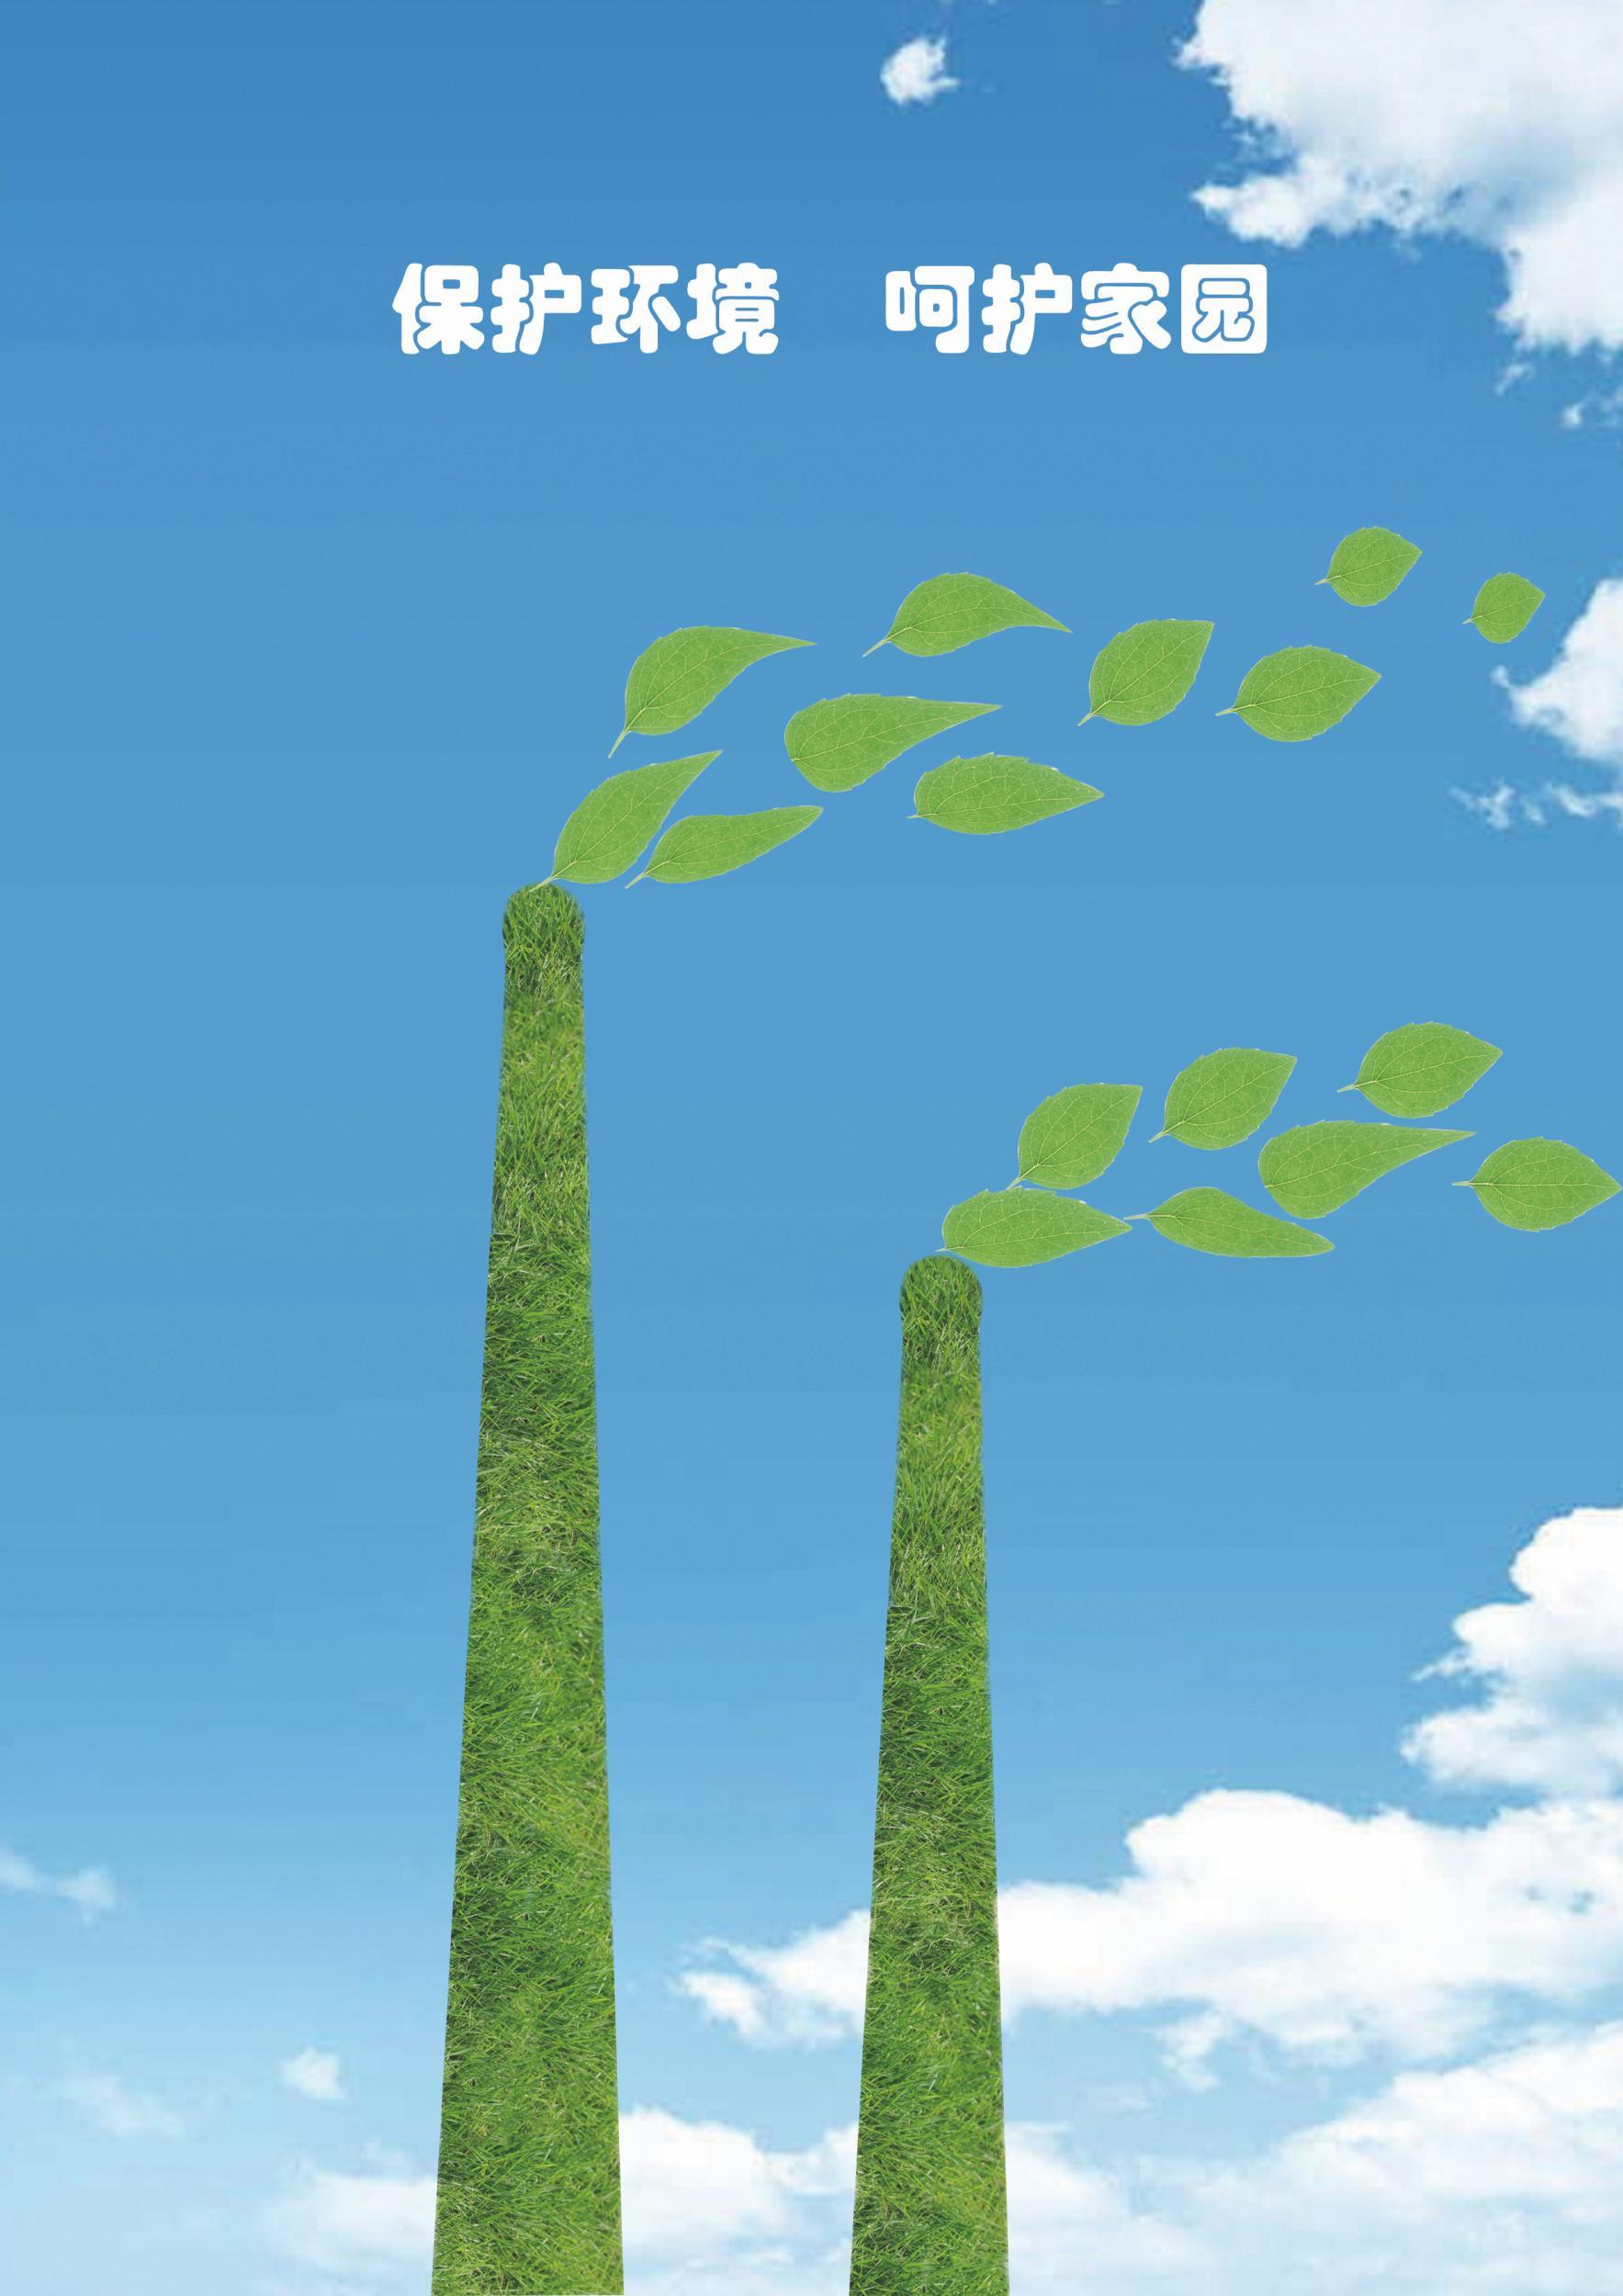 爱护环境的公益广告_【公益广告】保护环境 呵护家园_唐山_唐山环渤海新闻网